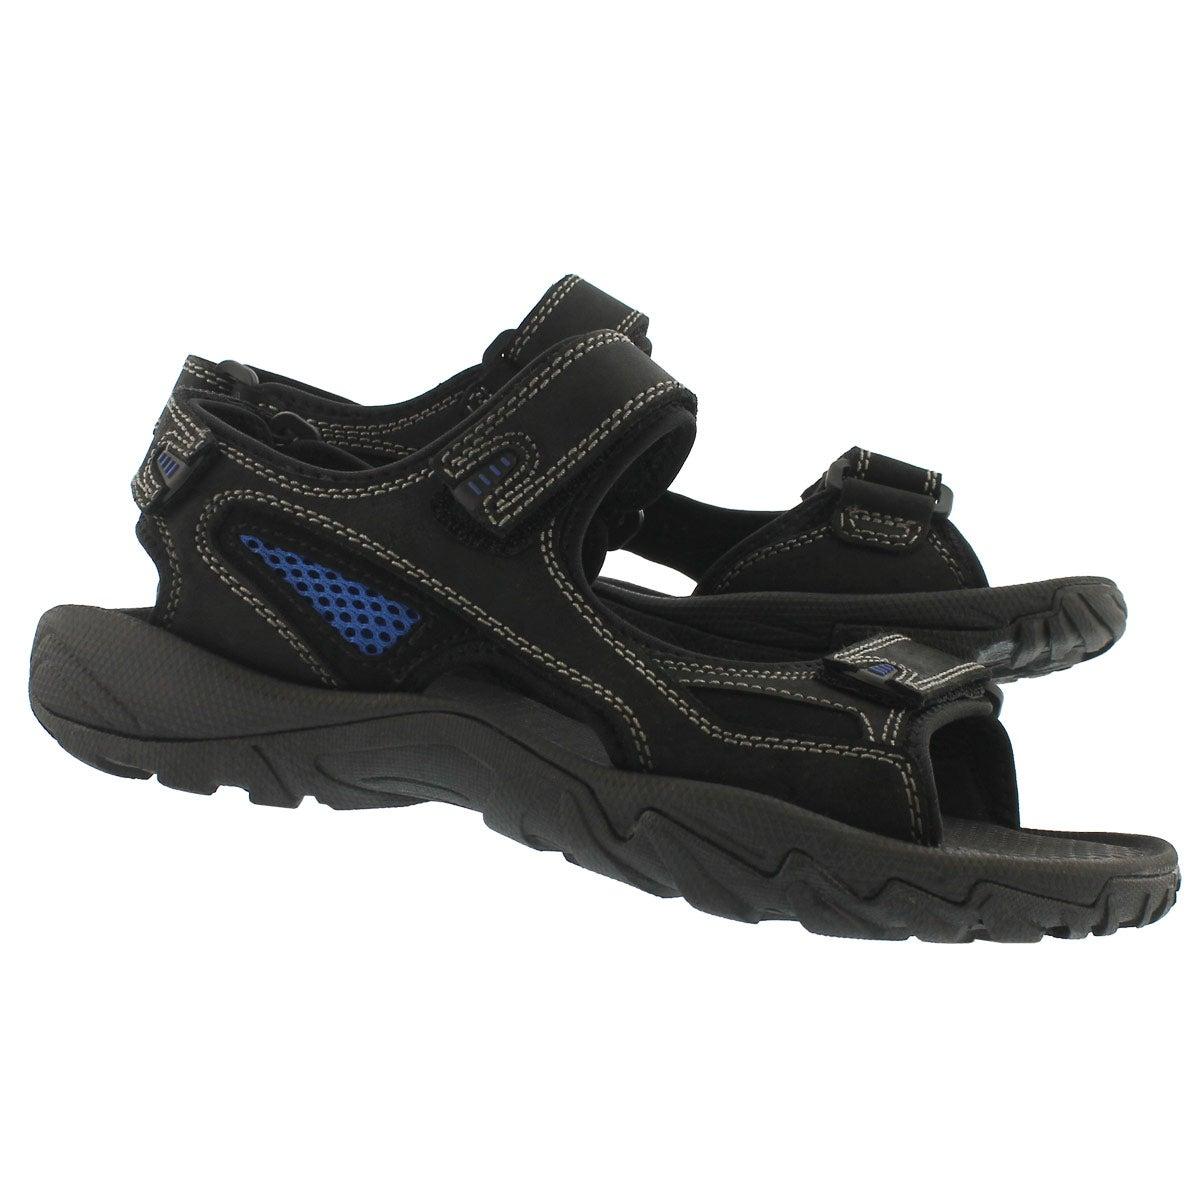 Mns Lucius 2 black 3 strap sandal